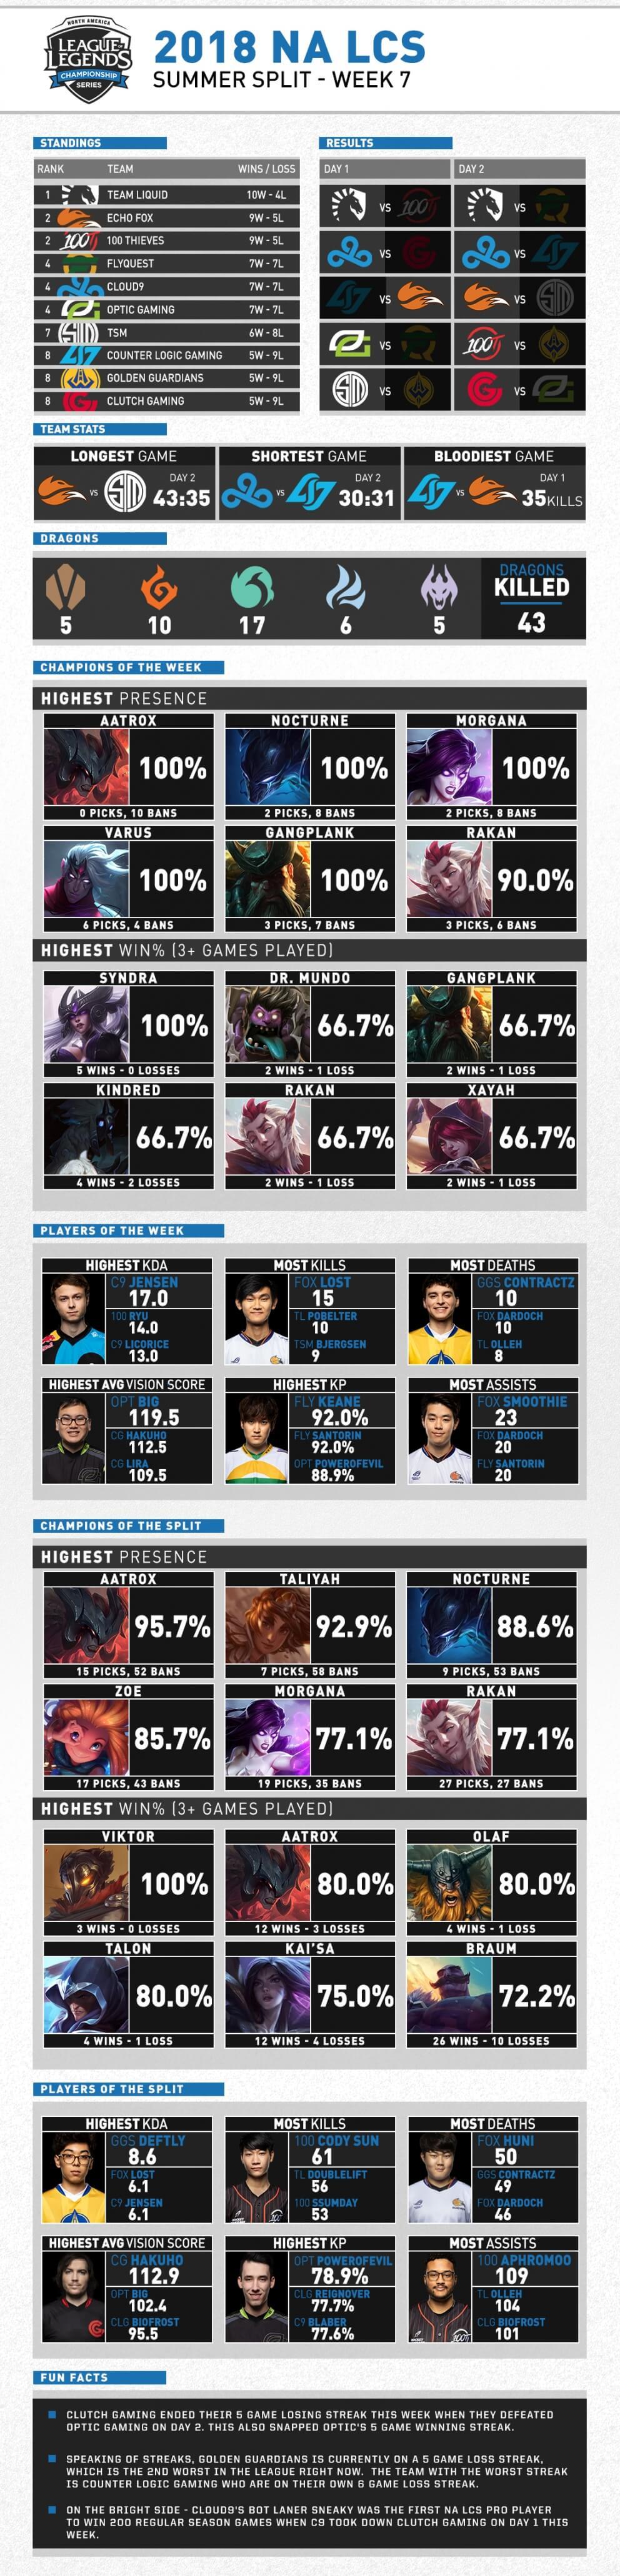 NA LCS Mùa Hè 2018 Tuần 7 Infographic